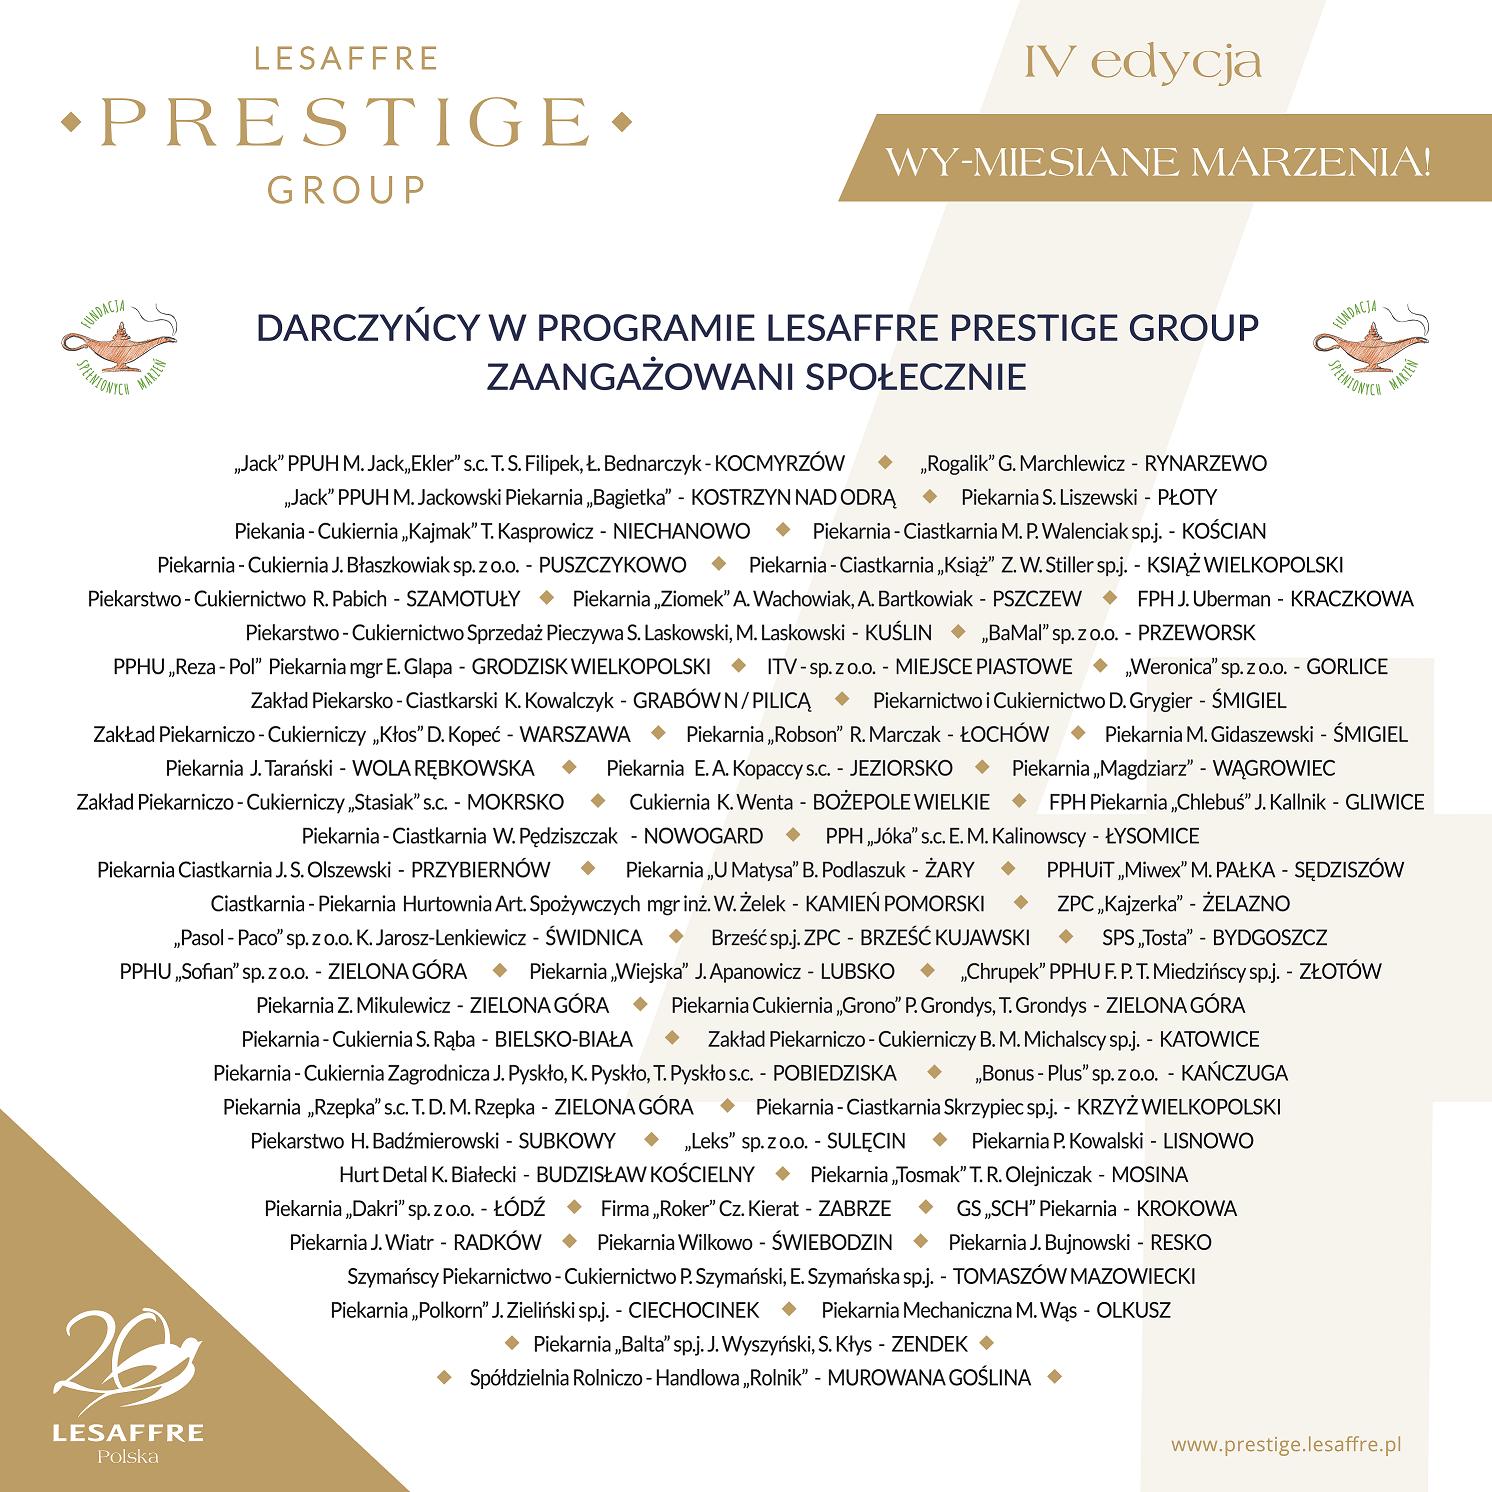 Lesaffre-4-edycja-LPG-Darczyncy-CSR